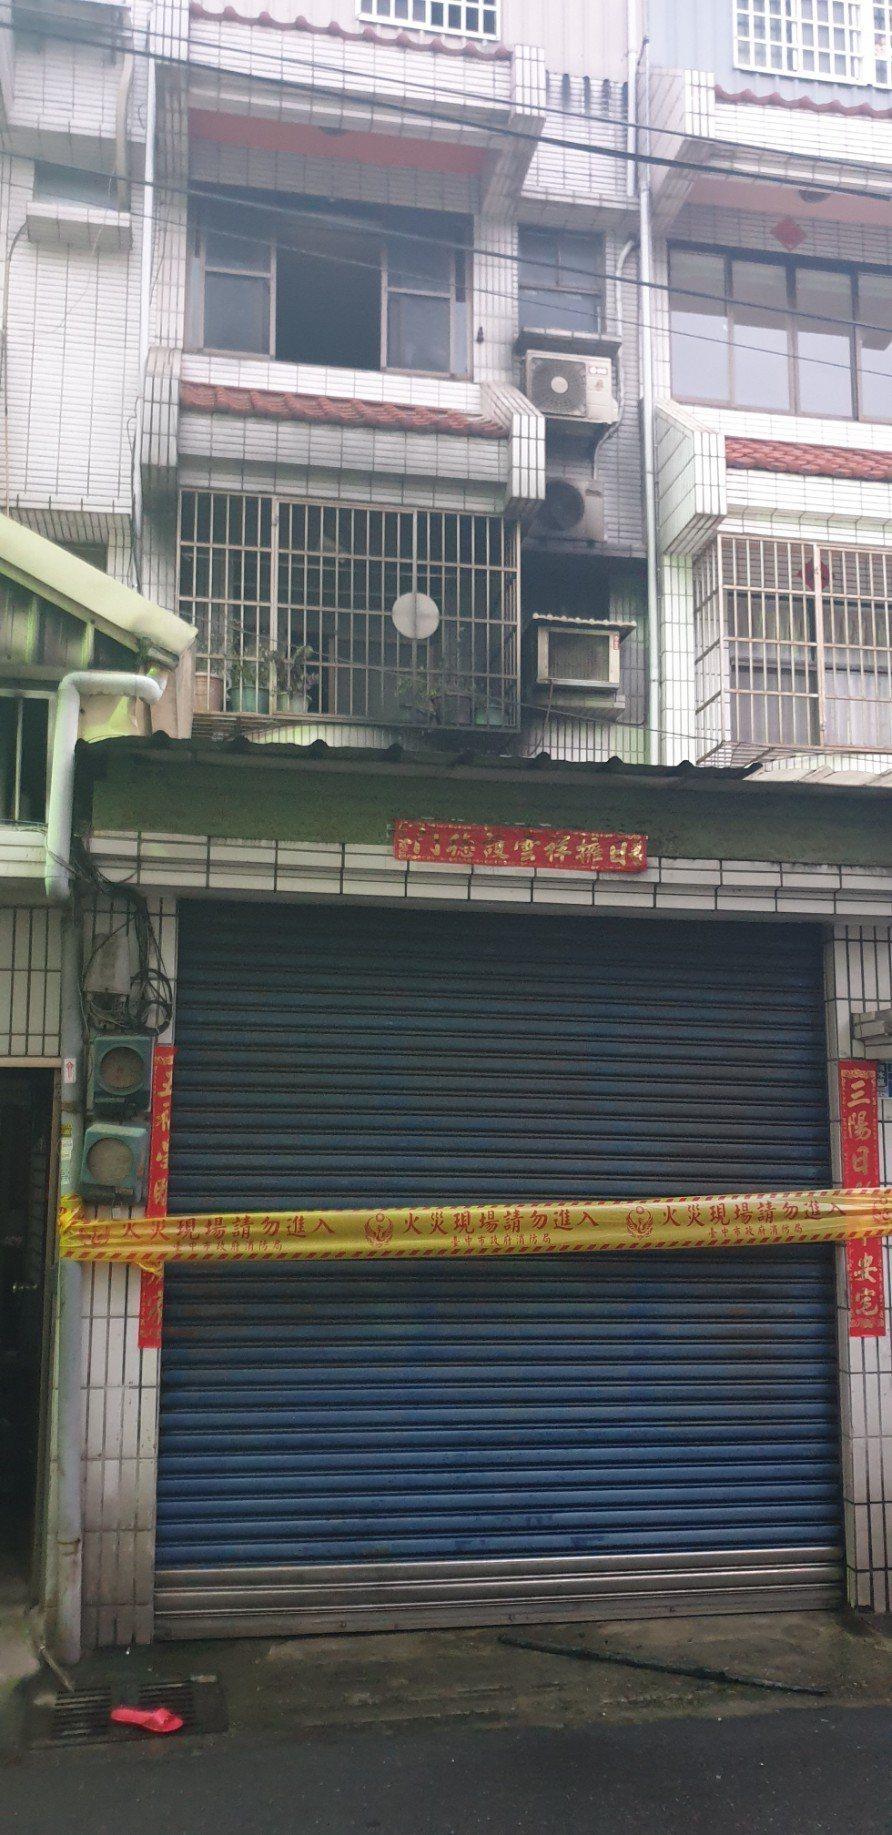 台中市清水區日前發生民宅大火,2死3重傷。記者游振昇/攝影